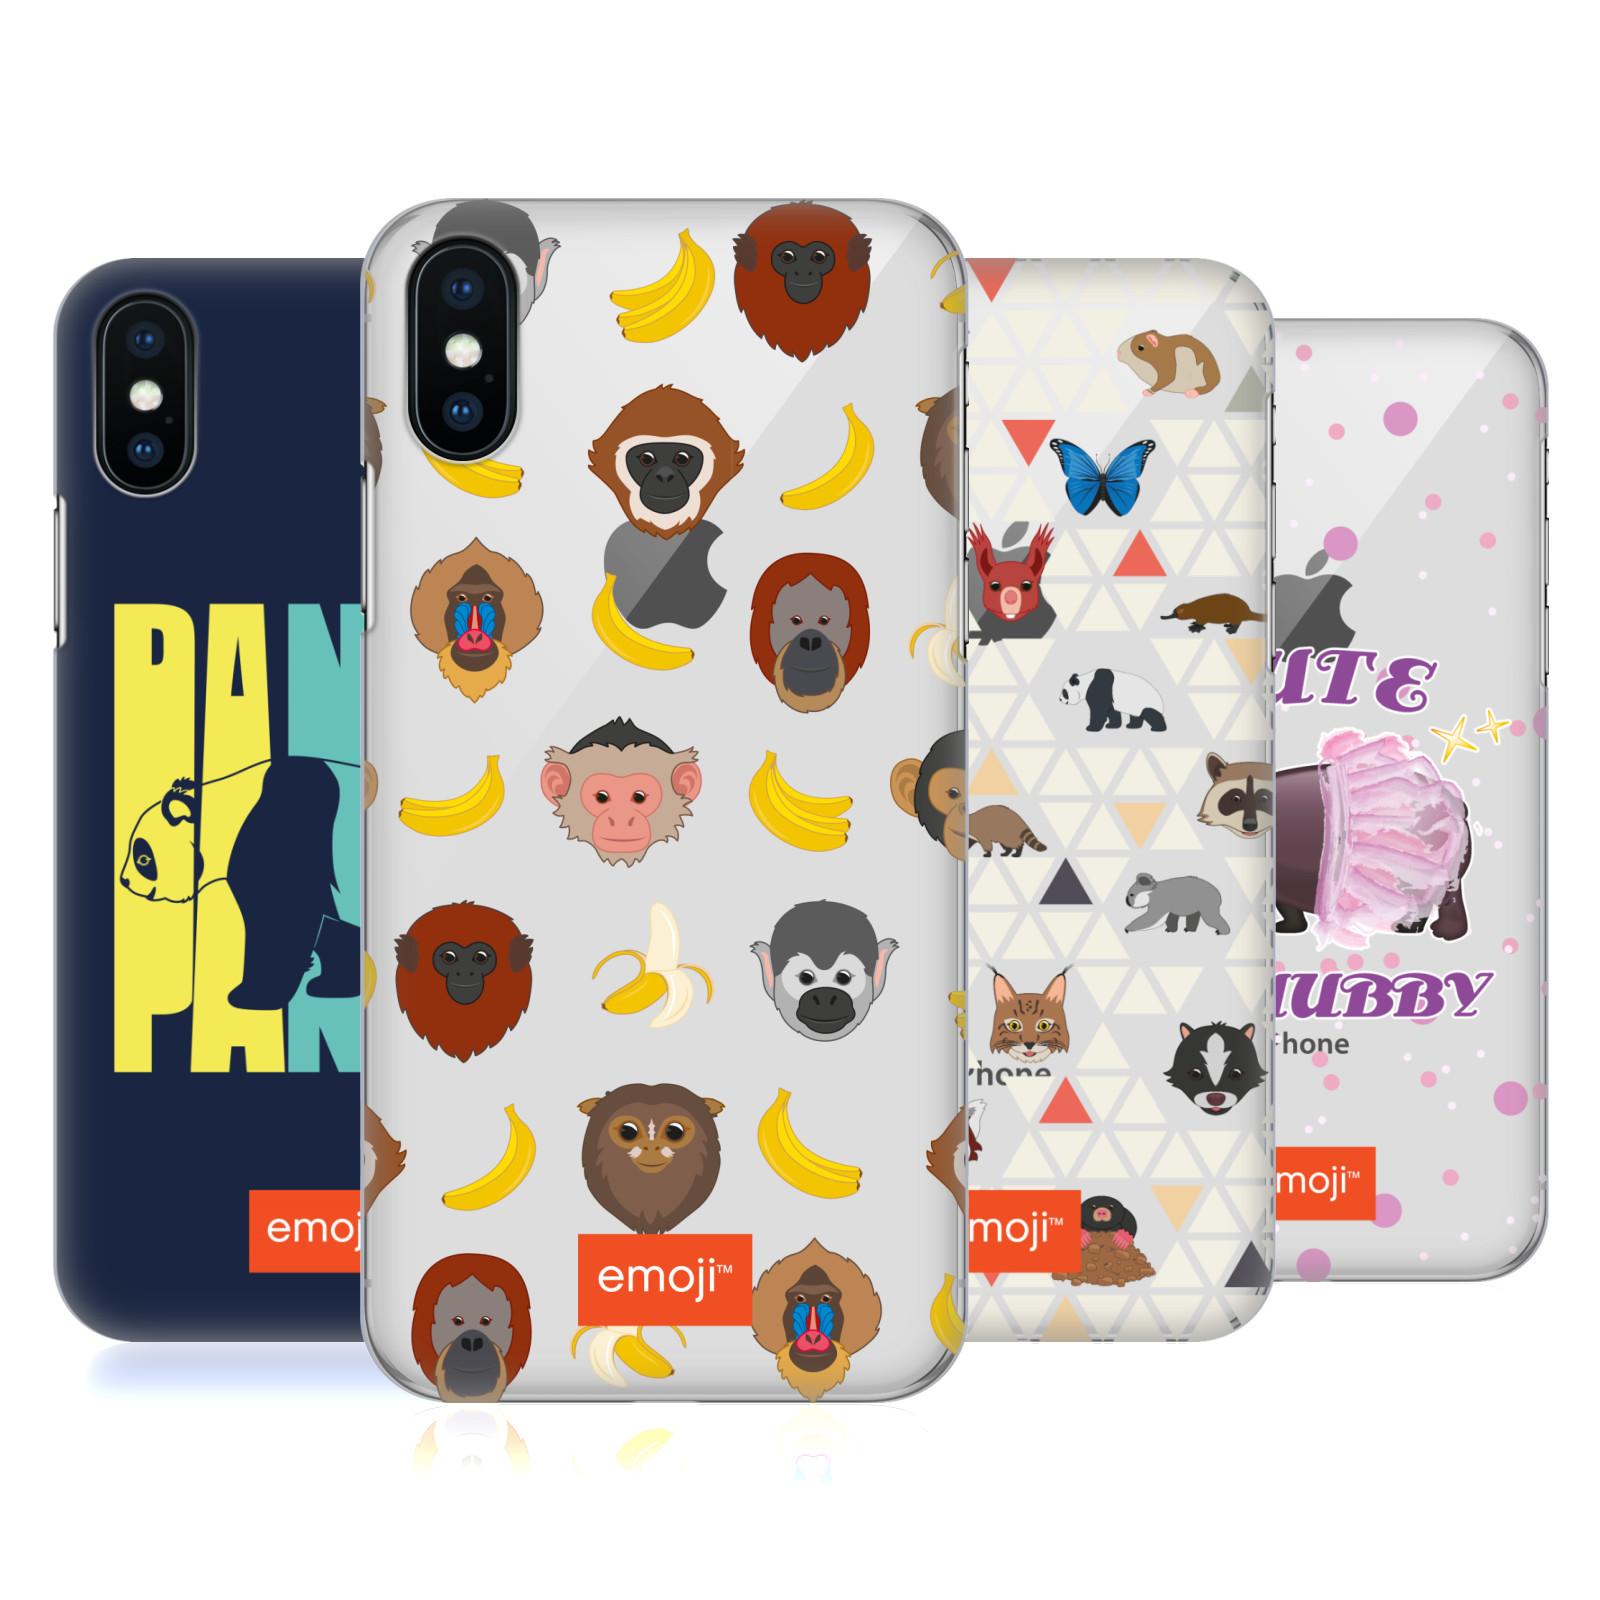 emoji® Monkeys And Animals